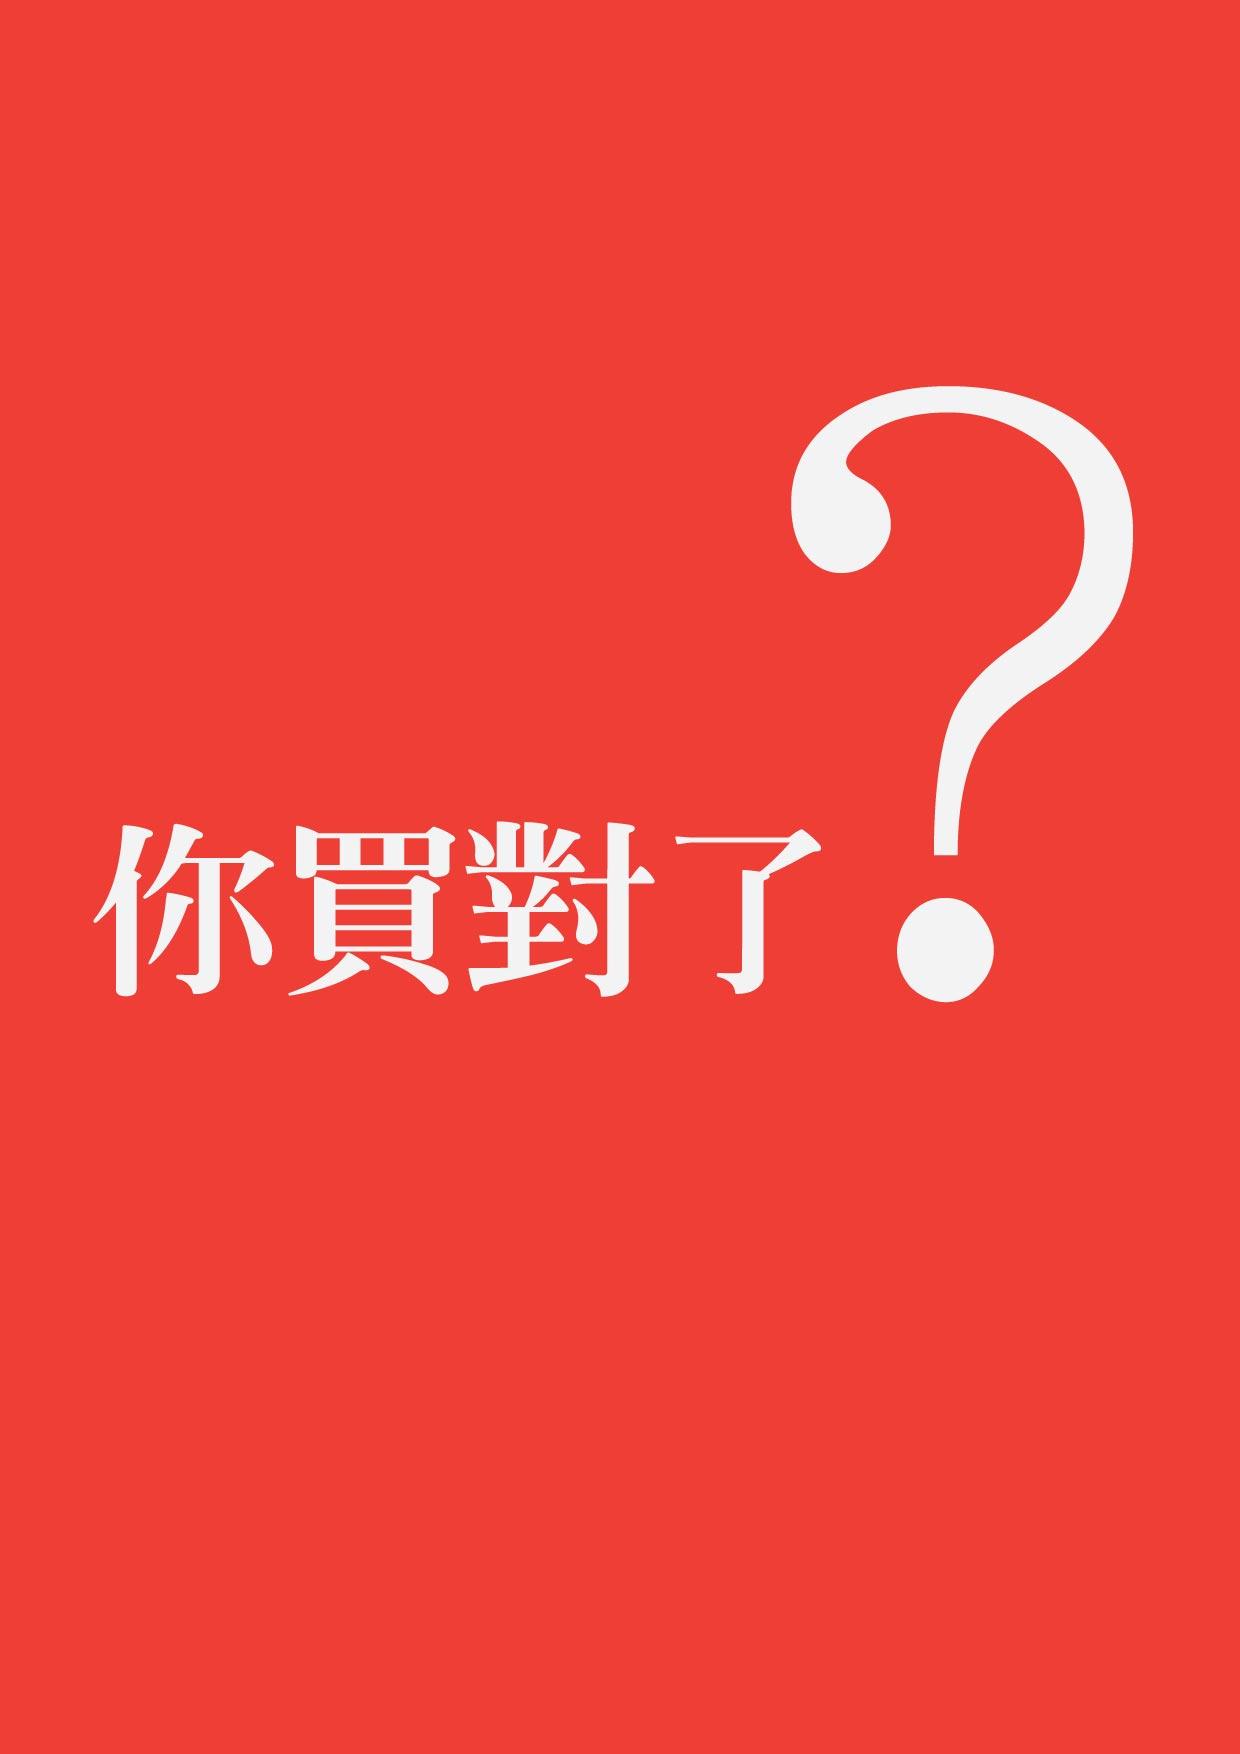 圖片:台中太平區買預售屋 銓威建設【一中樂叙】你買對了?